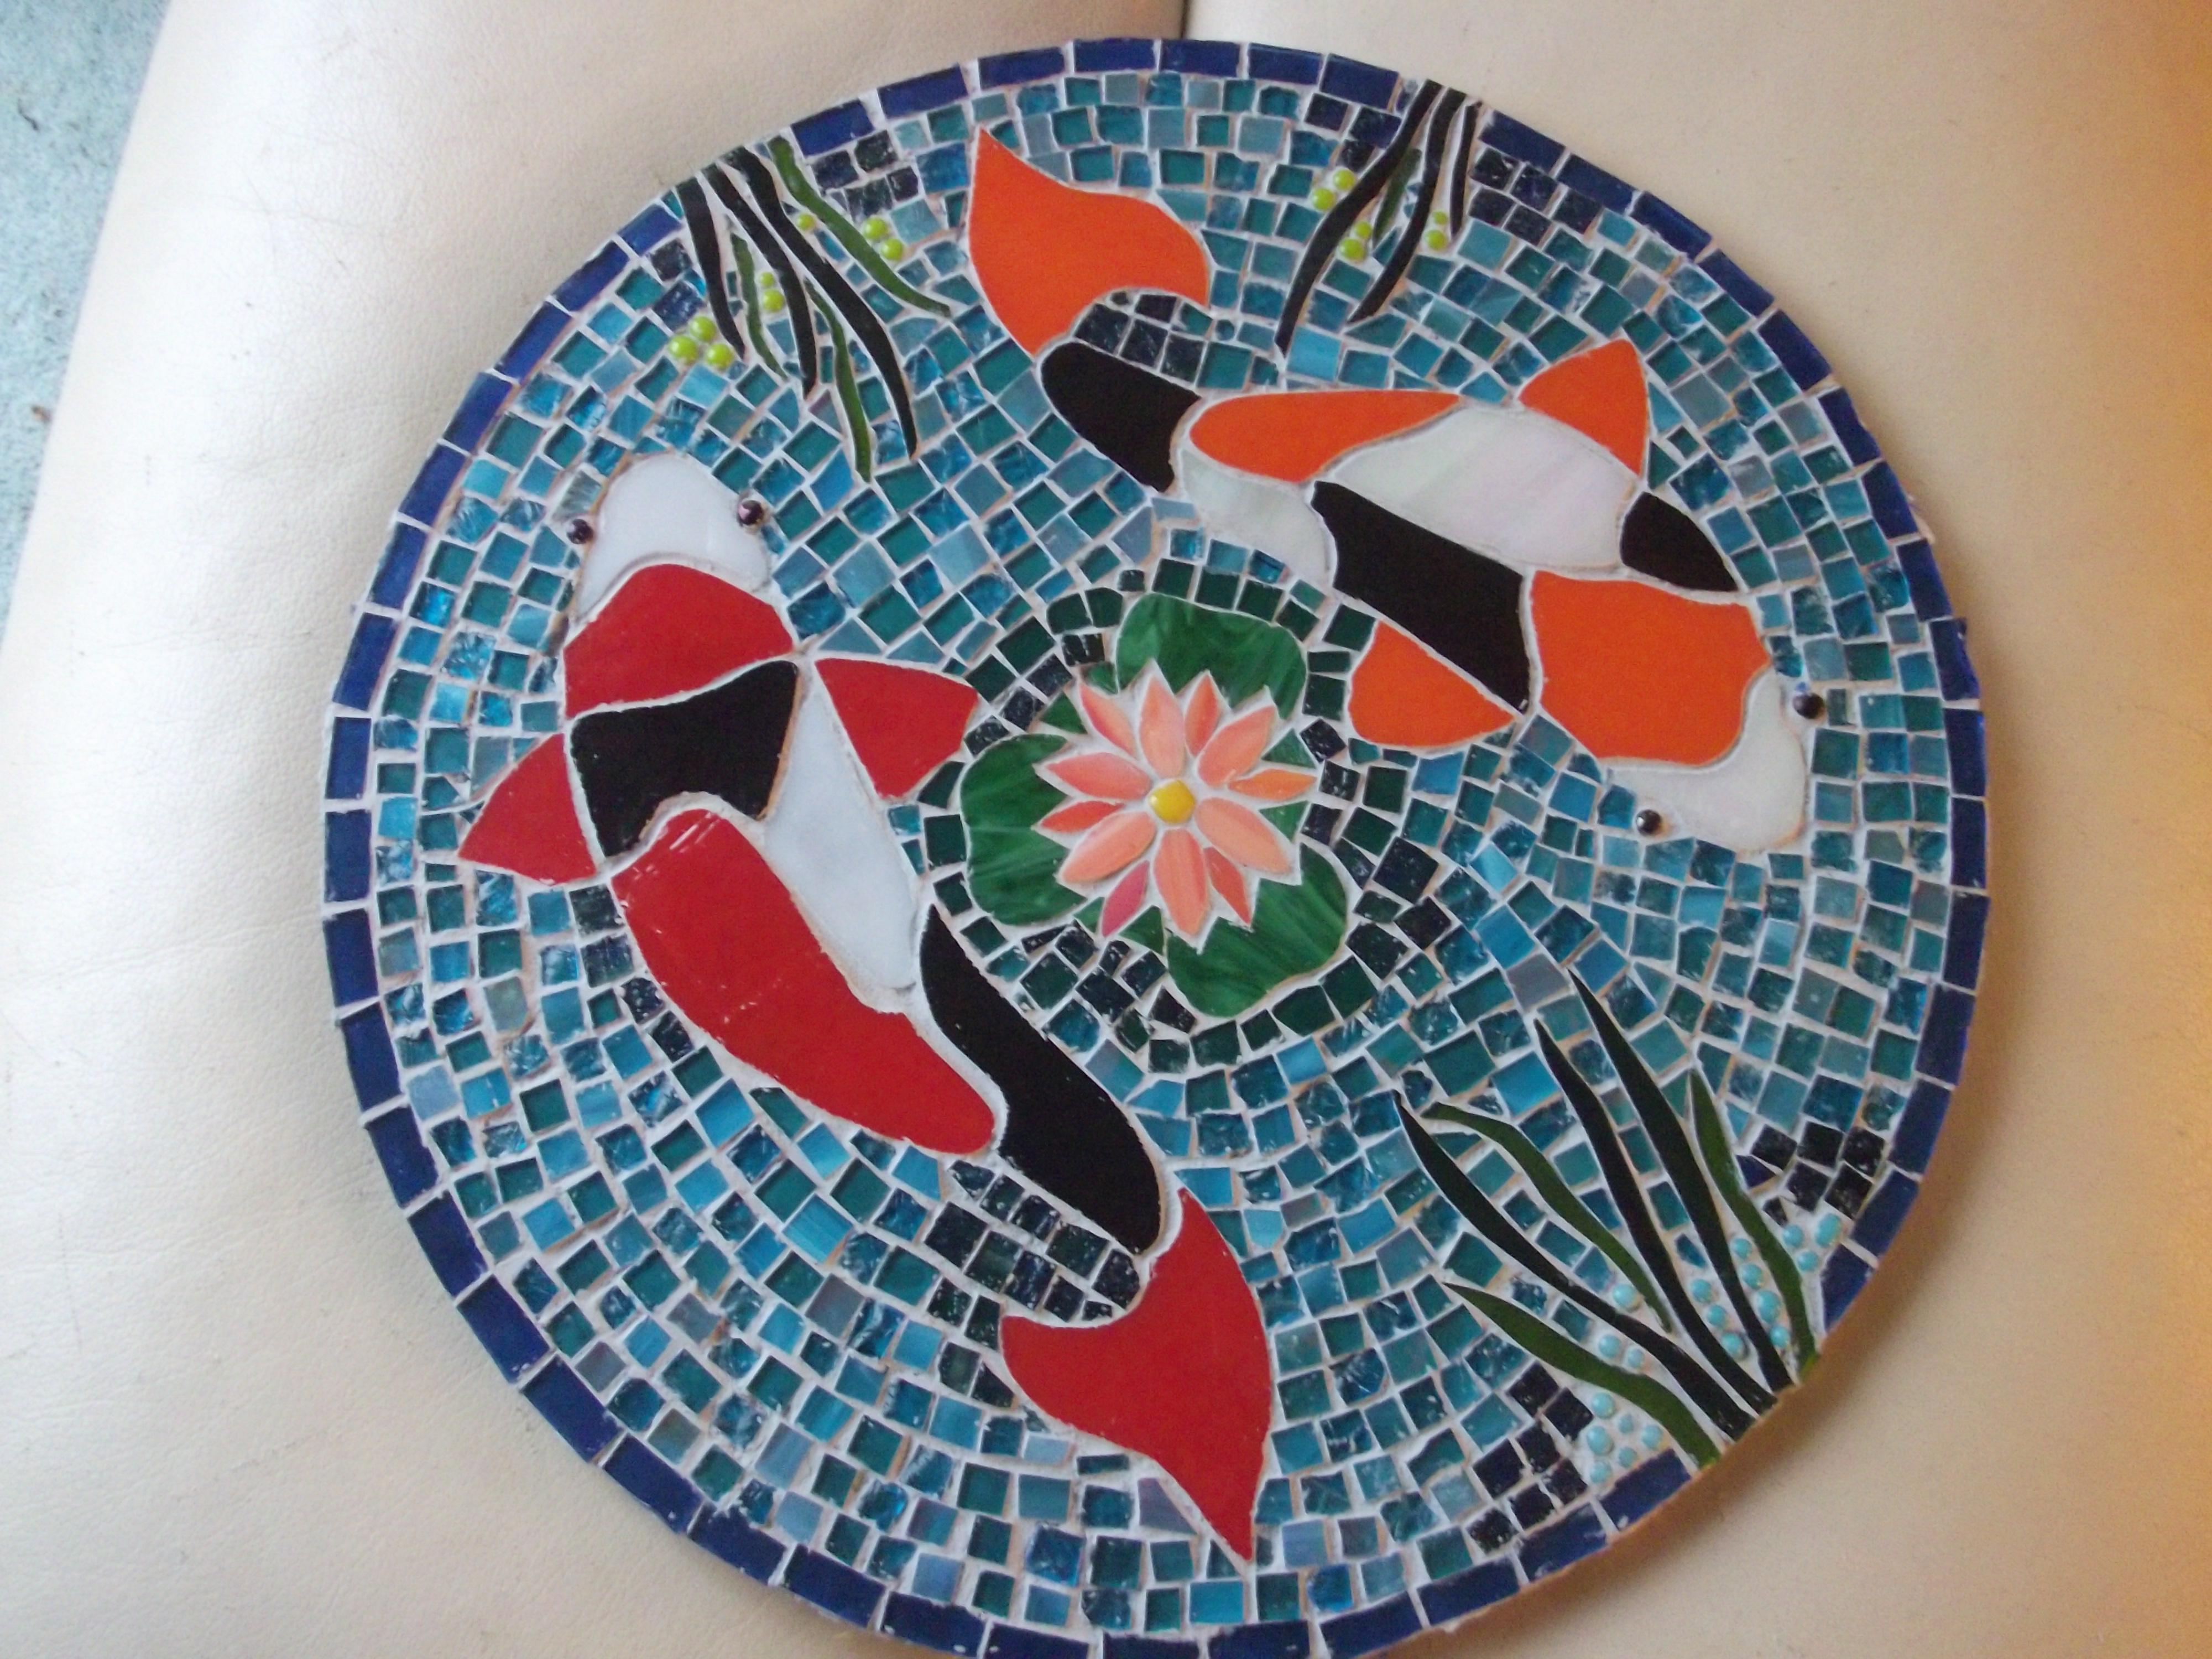 Koi Mosaic Wall Hanging